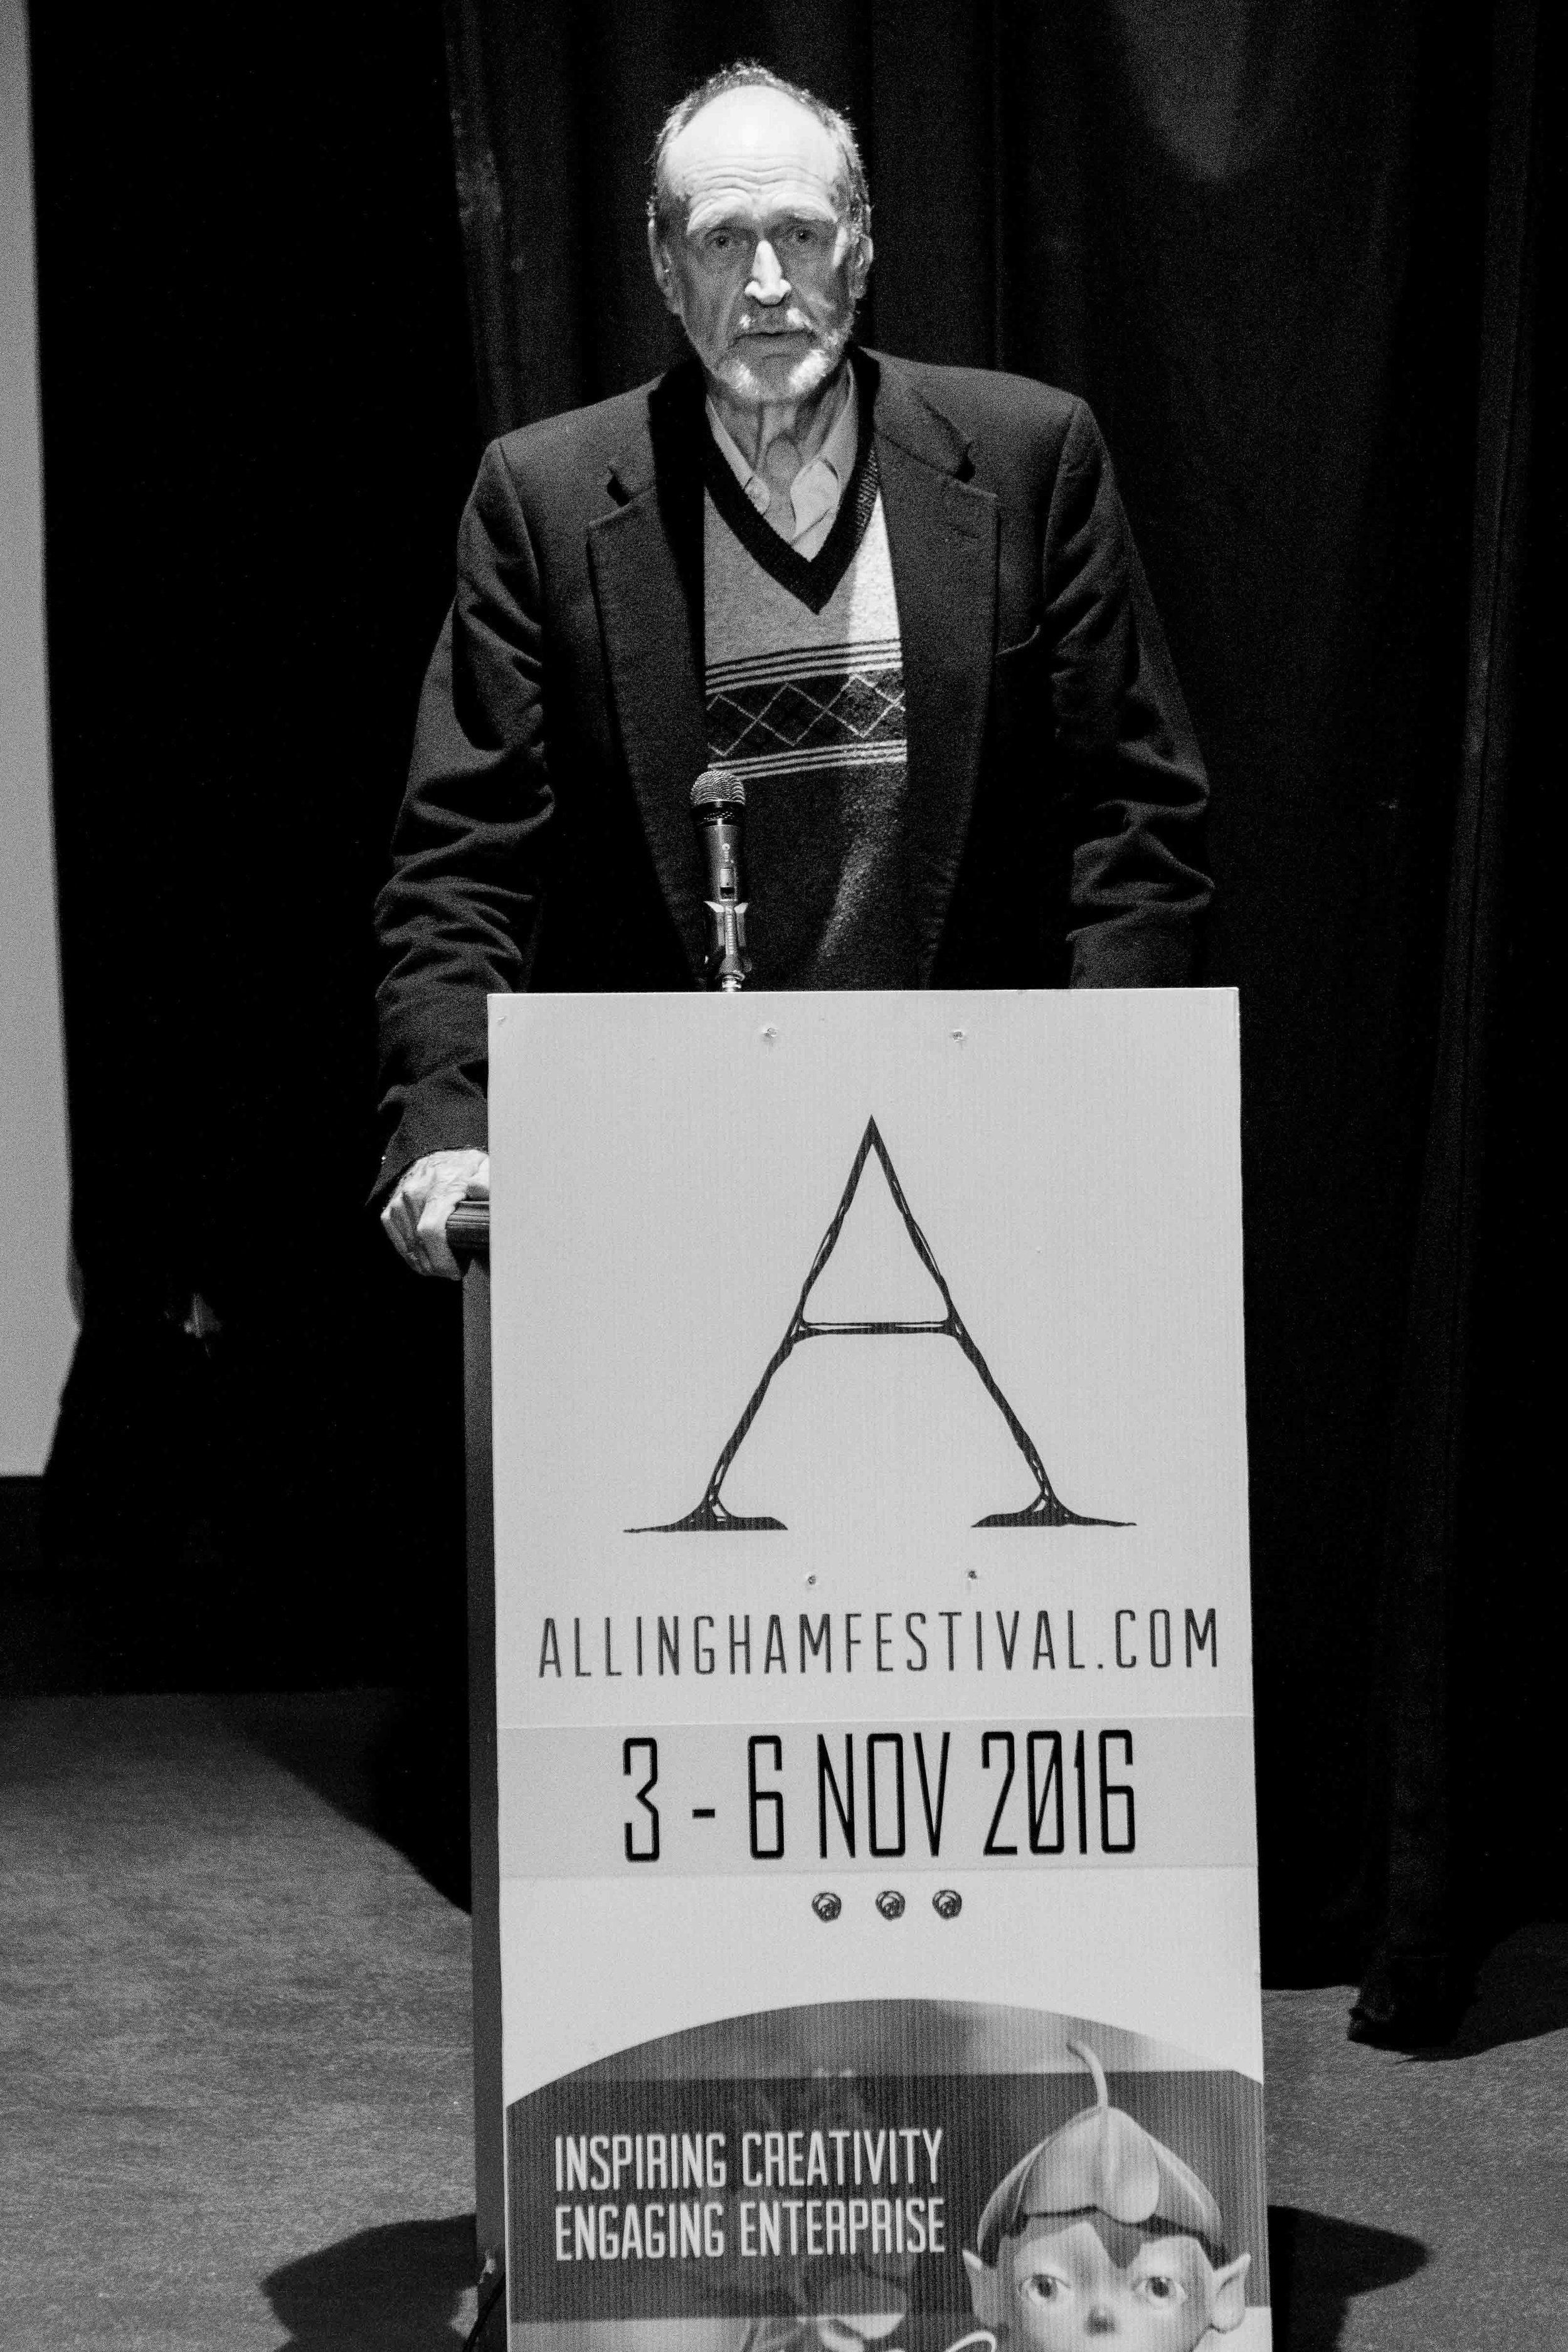 Allingham Festival Concert 2016 - Abbey Arts Centre, Ballyshannon - Nov. 5th 2016-116.jpg